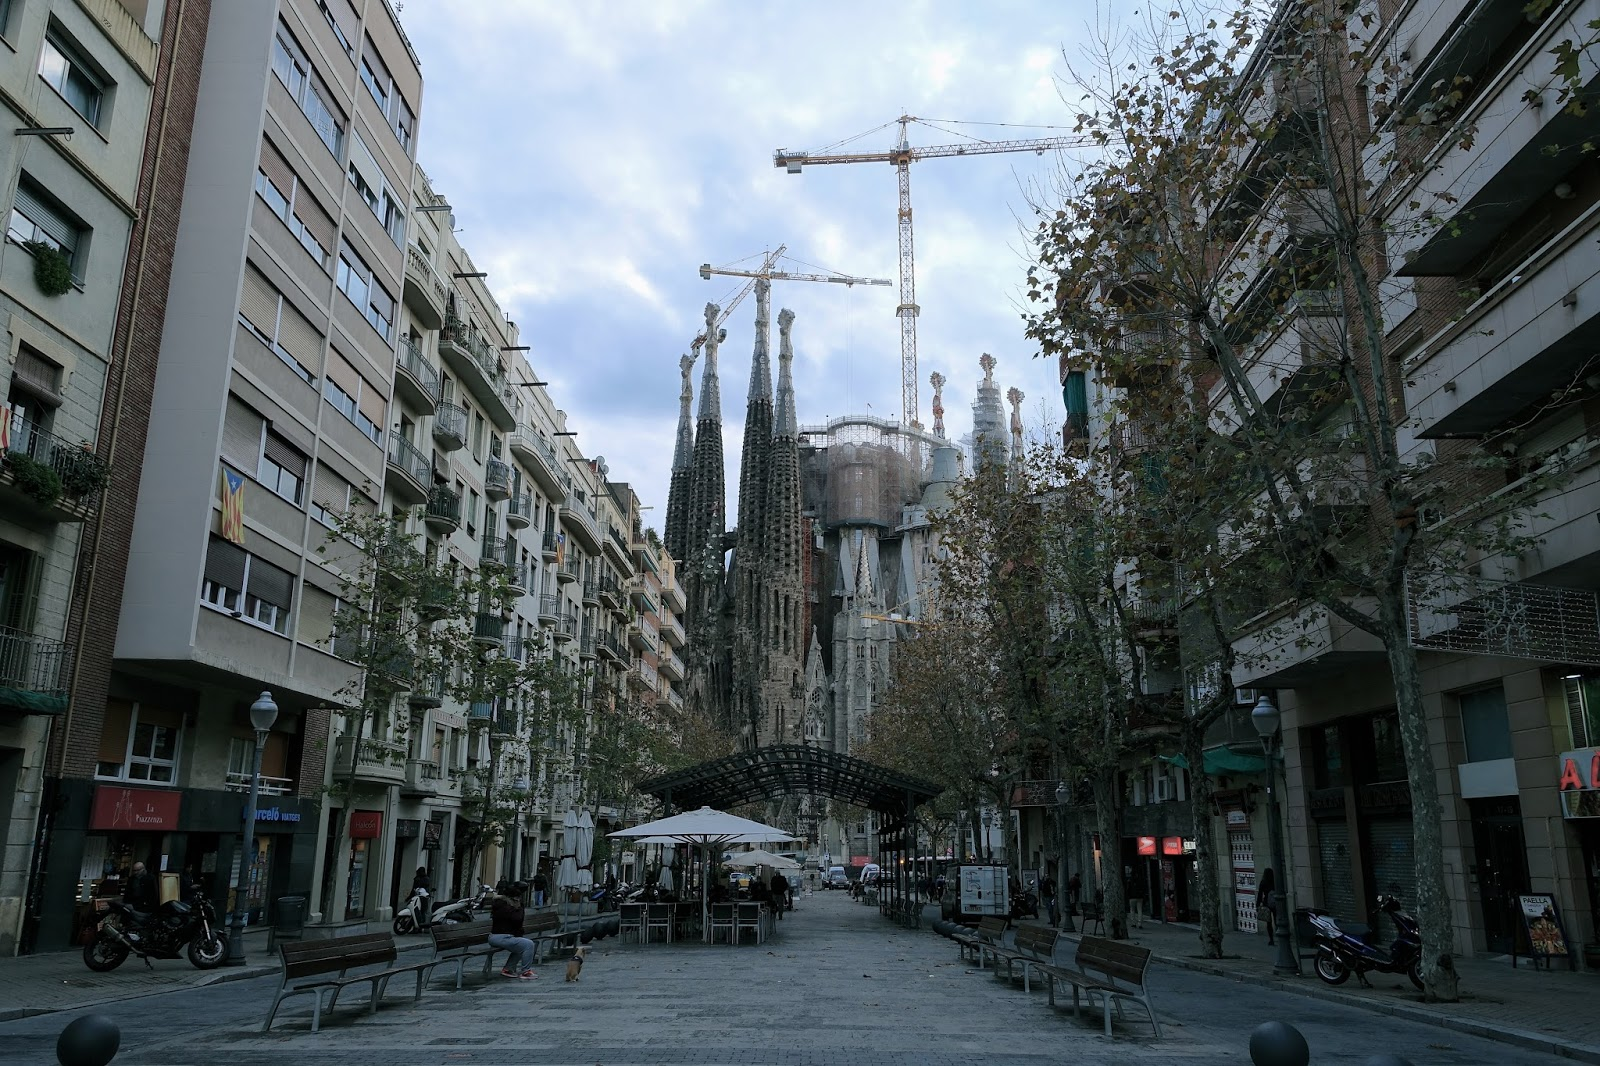 ガウディ通り(Av de Gaudi)